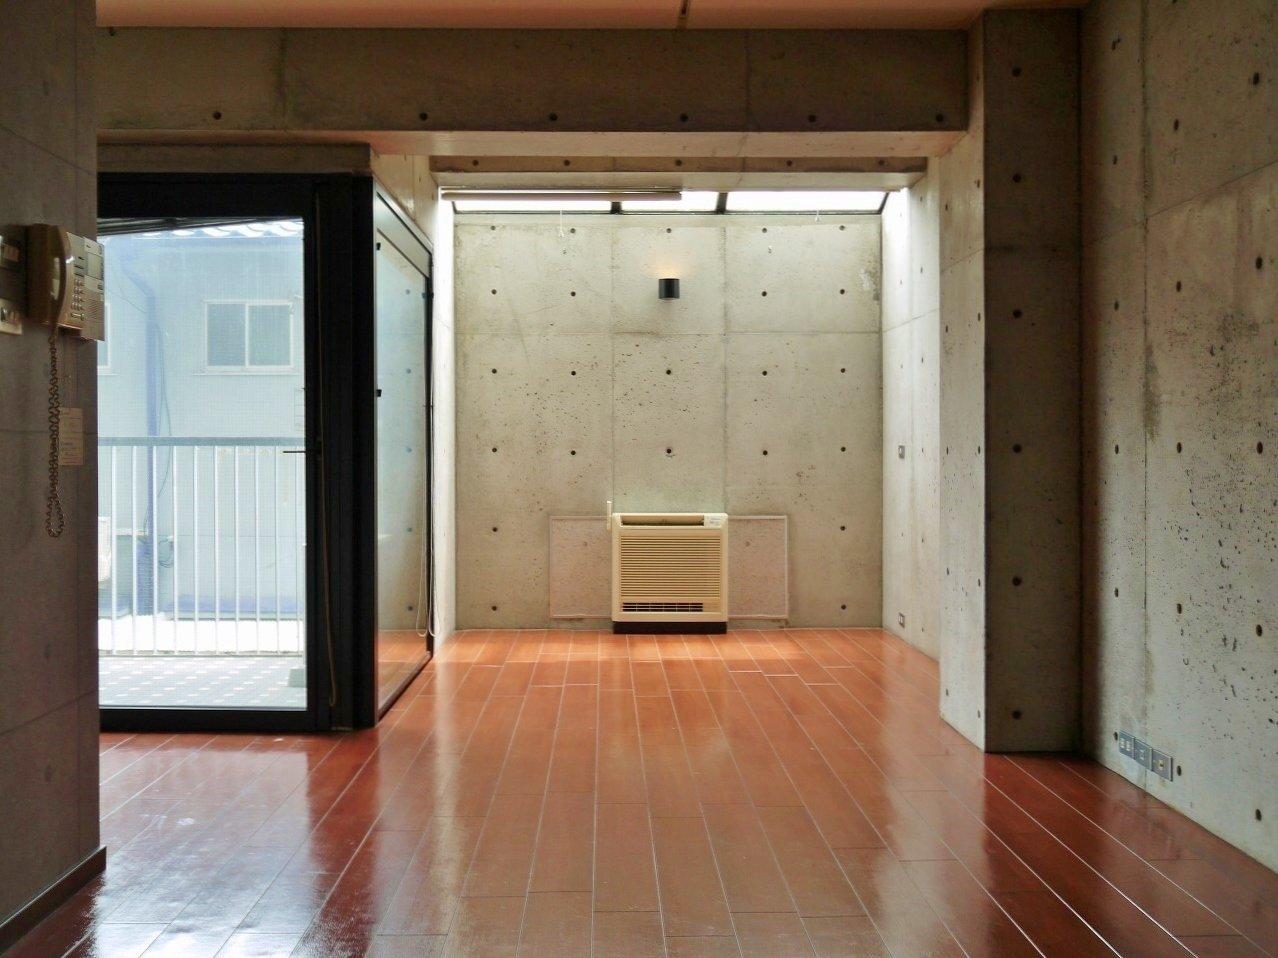 南向きのあたたかな光が差し込む室内は、なんと洋室17畳分もあります。収納スペースはないのですが、これだけ広ければ自分で工夫して収納コーナーを作っても、くつろげる場所は十分確保できそうです。